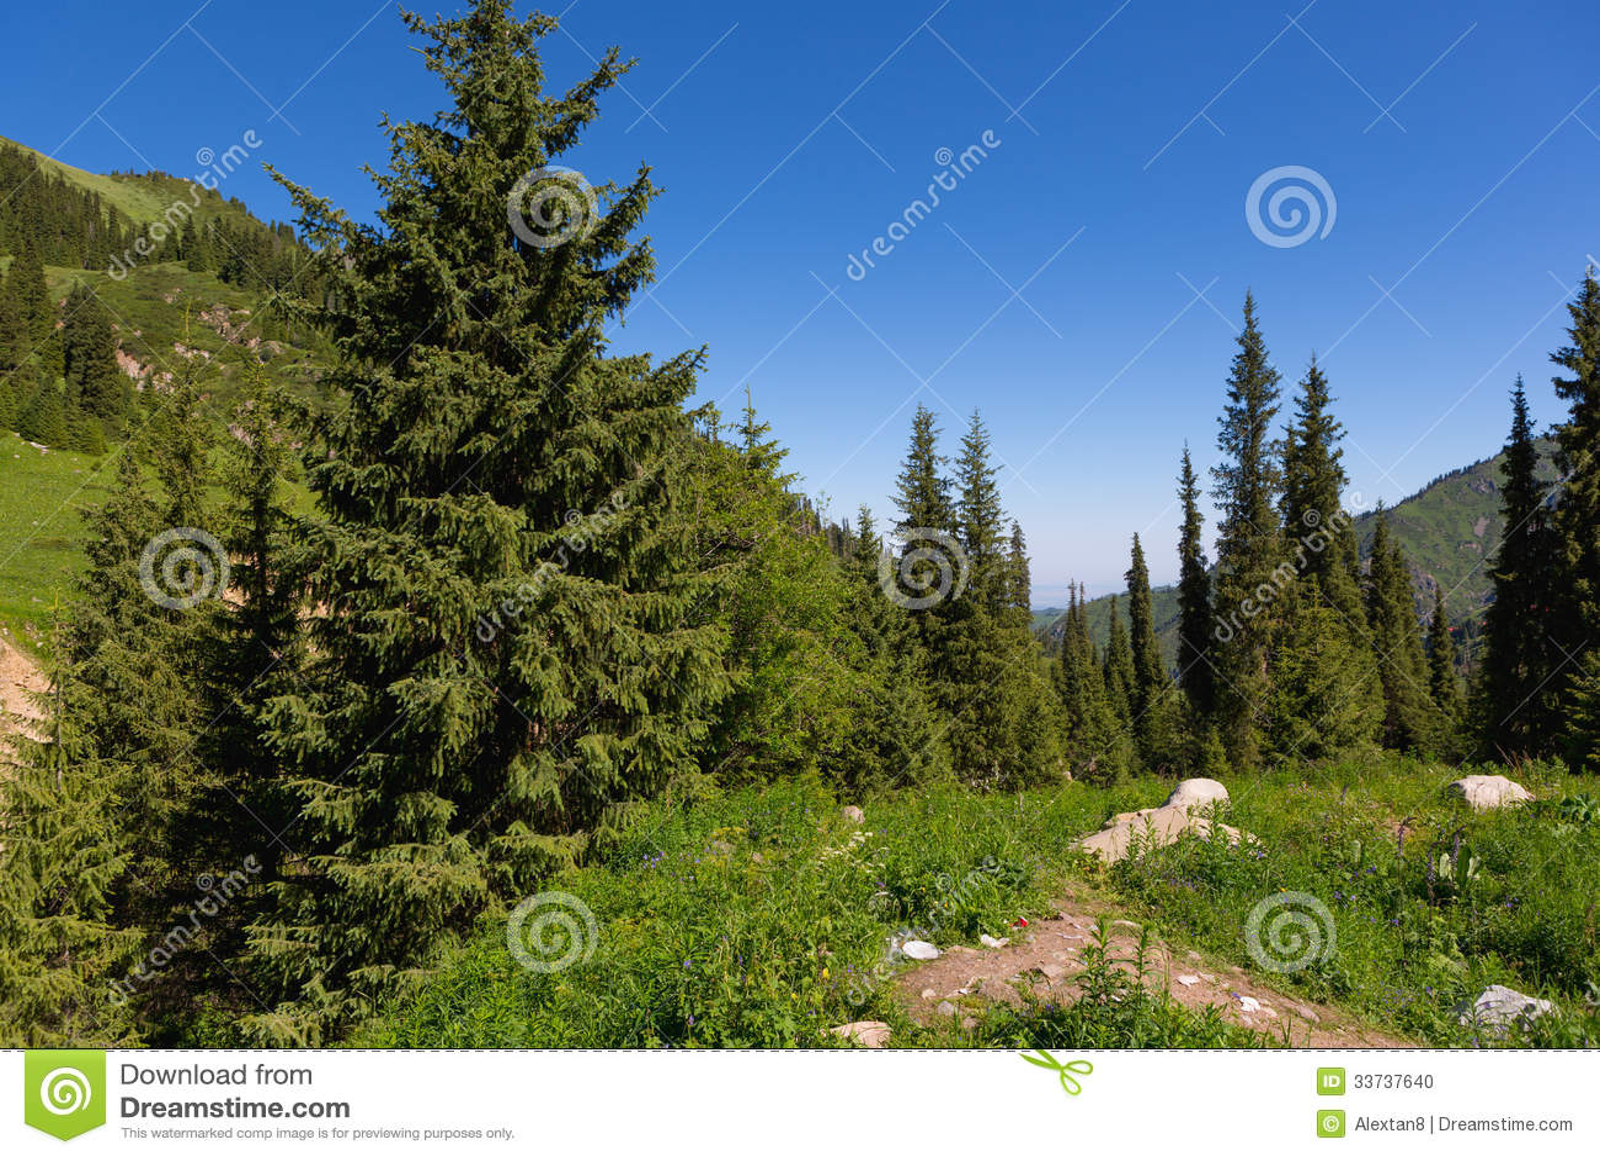 Средняя Азия скалистых гор ландшафта природы